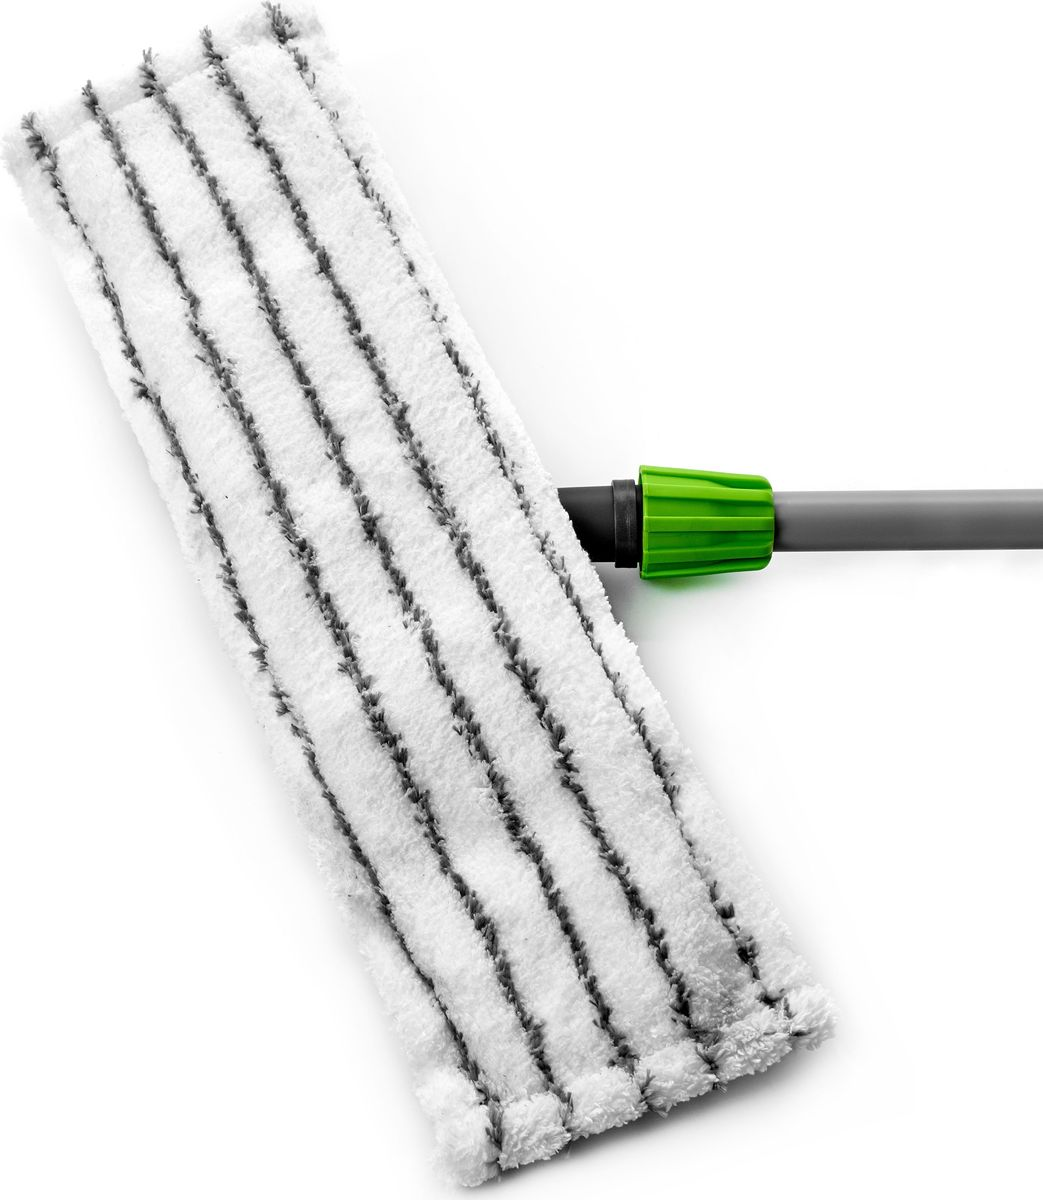 Насадка сменная для магнитной швабры Walmer House, цвет: белый, 42 х 13 смW28144315Сменная насадка для магнитной швабры Walmer House изготовлена из микрофибры. Микрофибра отлично поглощает влагу. Применяется для влажной уборки кафеля и керамогранита, деревянных полов и ламината. Идеально собирает пыль и грязь, быстро впитывает влагу, полирует поверхности. Насадка не оставляет разводов и ворсинок. Впитывает в 5 раз больше воды, чем обычная ткань или хлопковая насадка.Размер: 42 х 13 см.